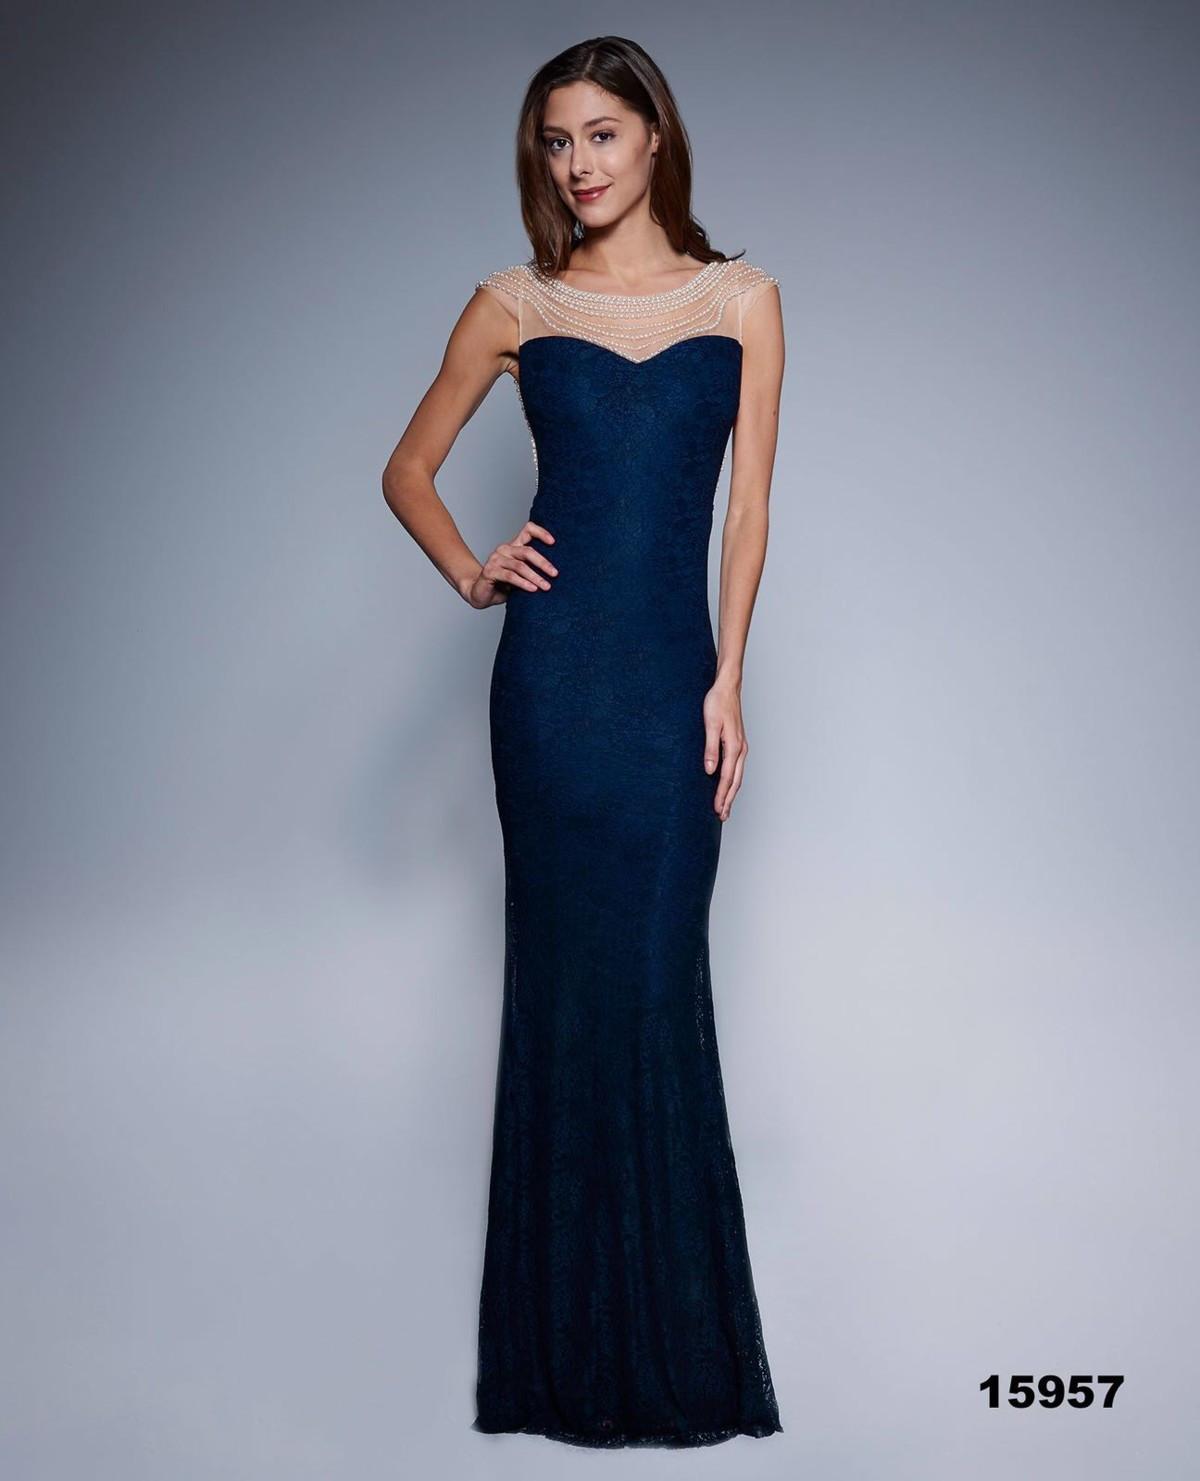 Dámske spoločenské šaty šoky soka s perličkami a čipkou dlhé tmavo modré - Tmavo modrá / XL - šoky & soka temne modrá S